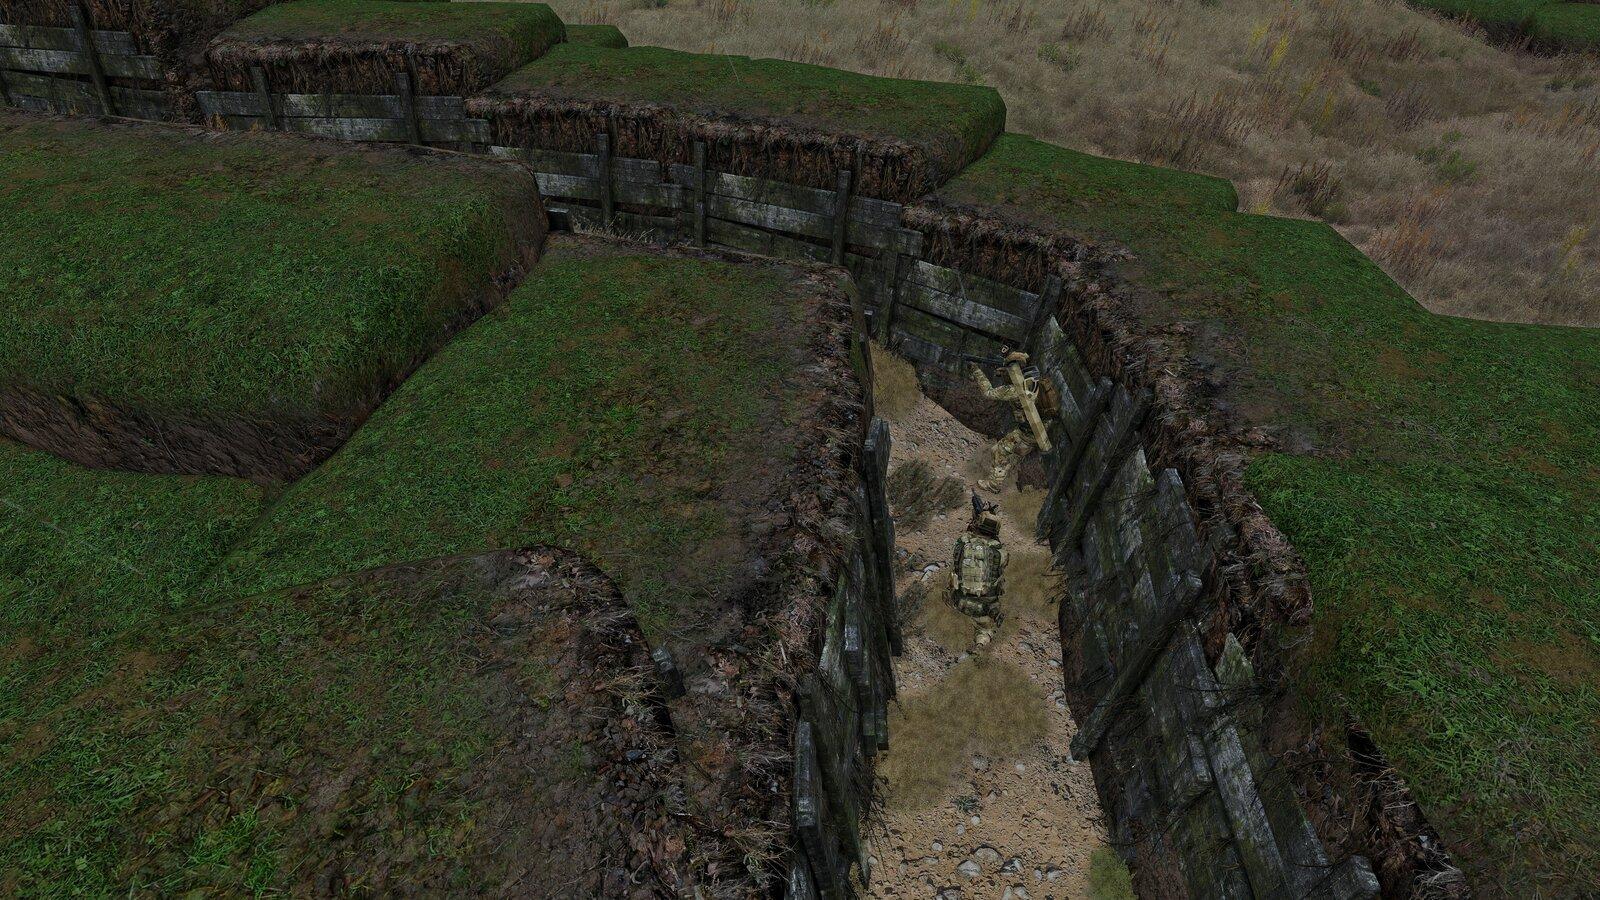 ein Sturmtrupp rollt den Graben auf